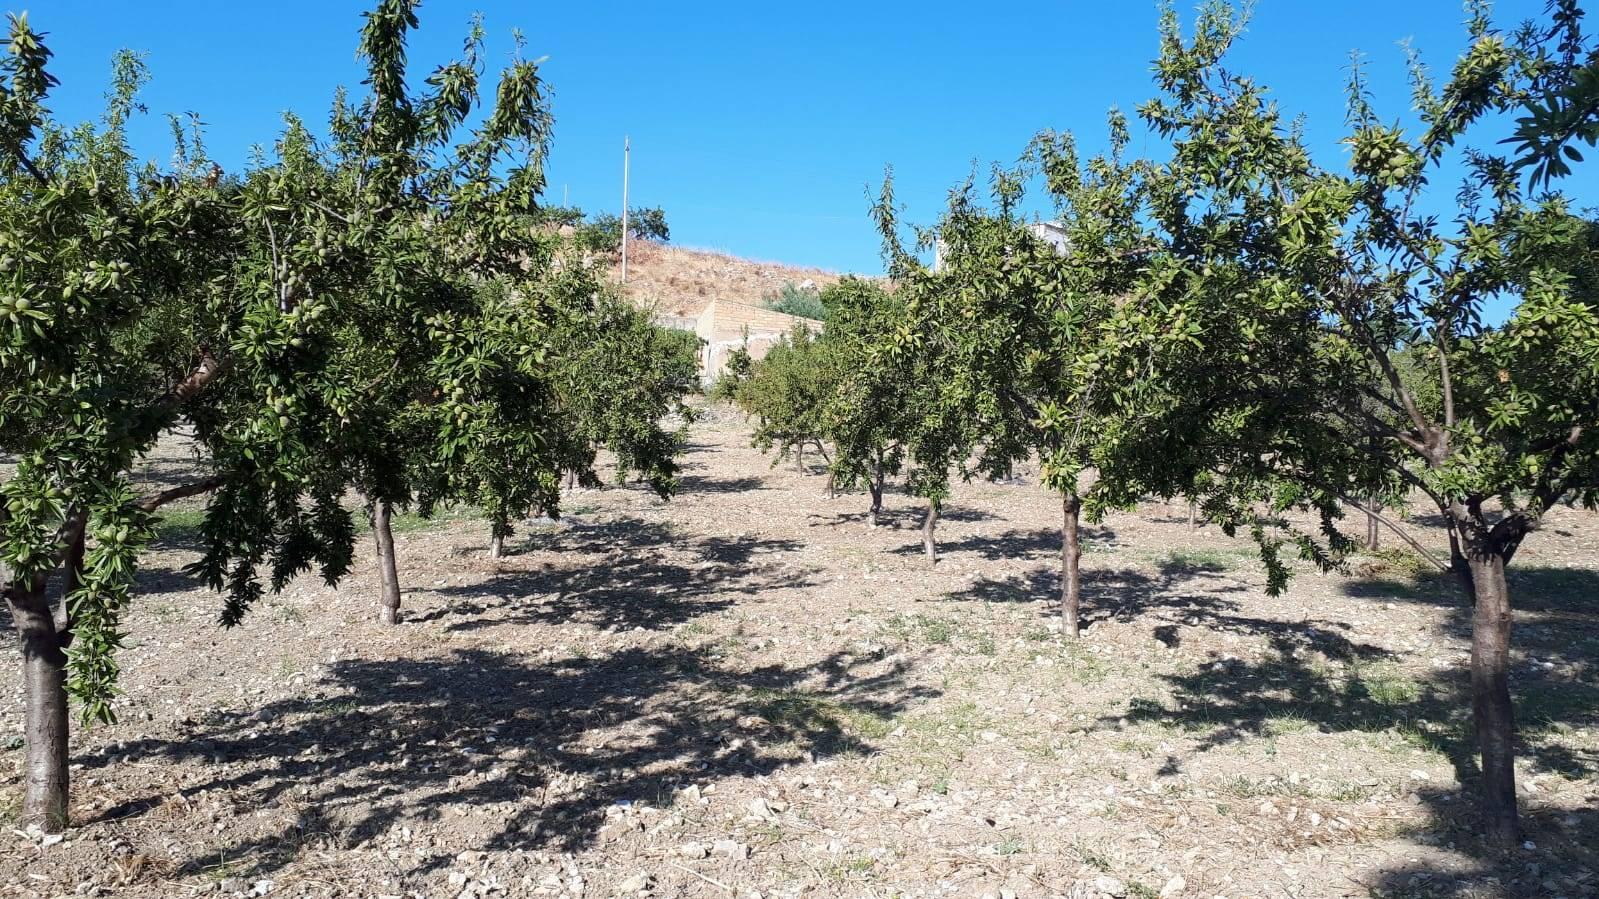 Terreno Agricolo in vendita a Campobello di Licata, 9999 locali, Trattative riservate | CambioCasa.it